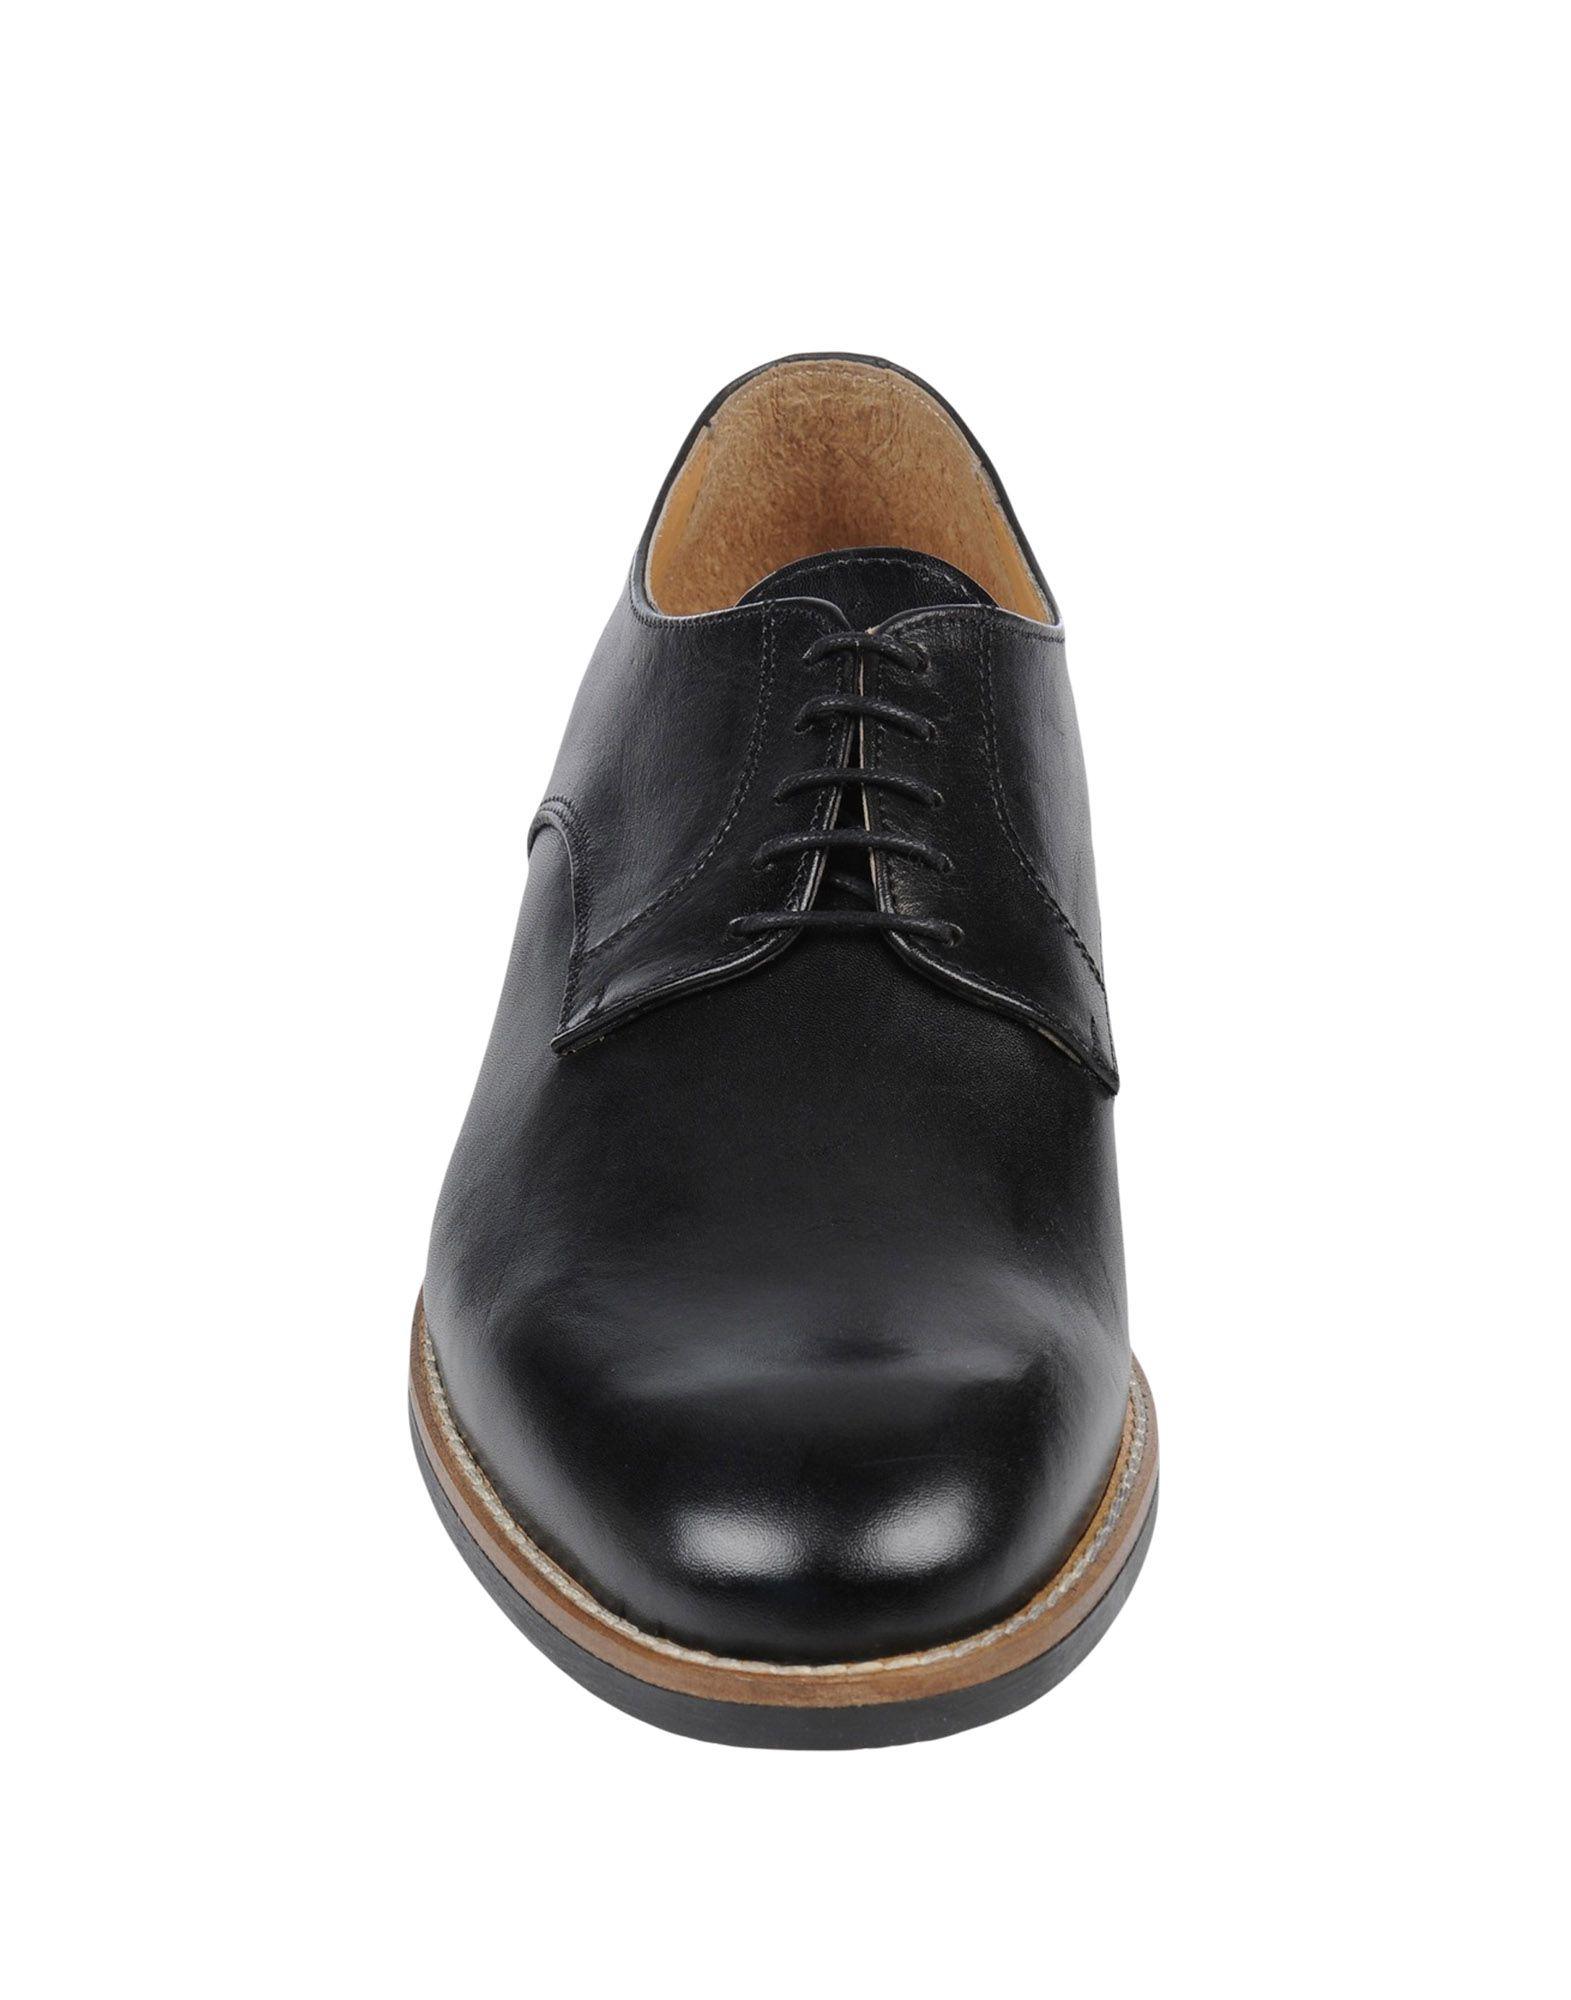 Rabatt echte Schuhe Herren Borgo Mediceo Schnürschuhe Herren Schuhe  11428510MA 7730c8